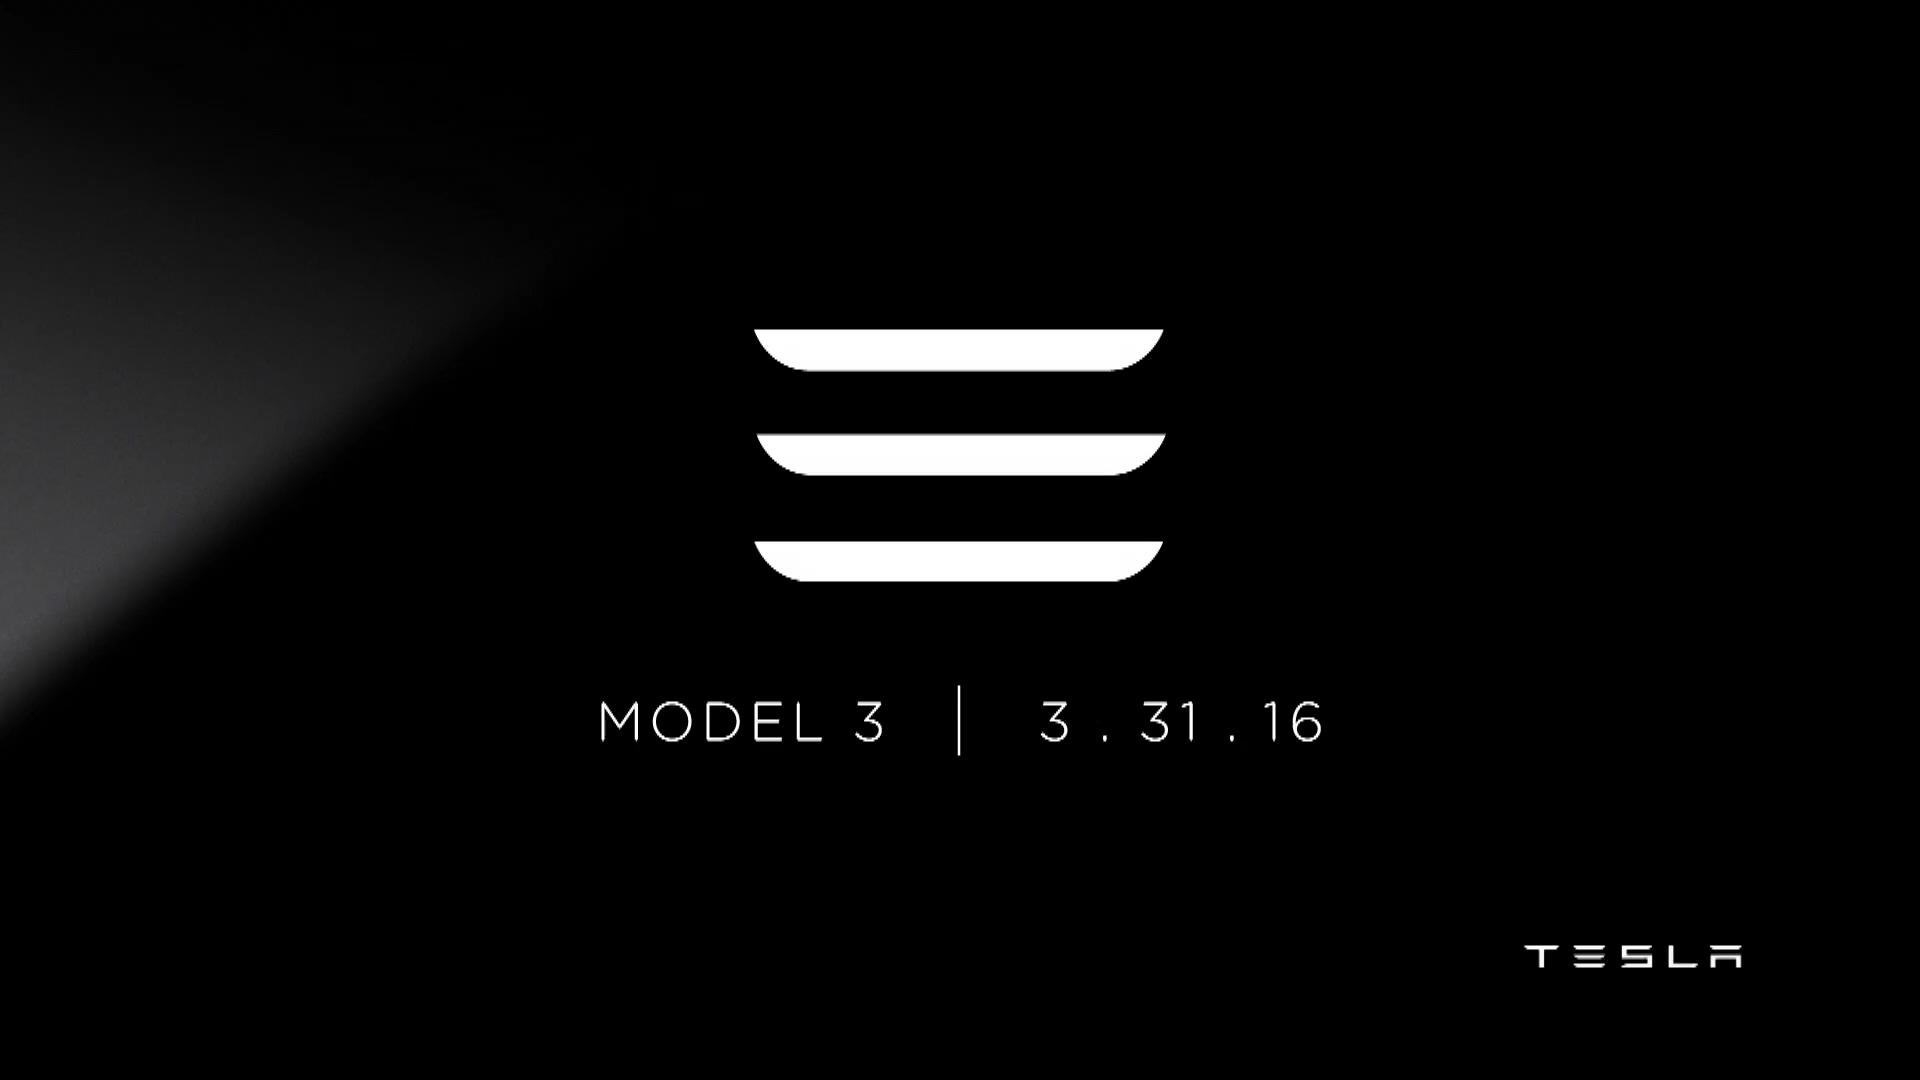 테슬라 모델3 발표회 요약